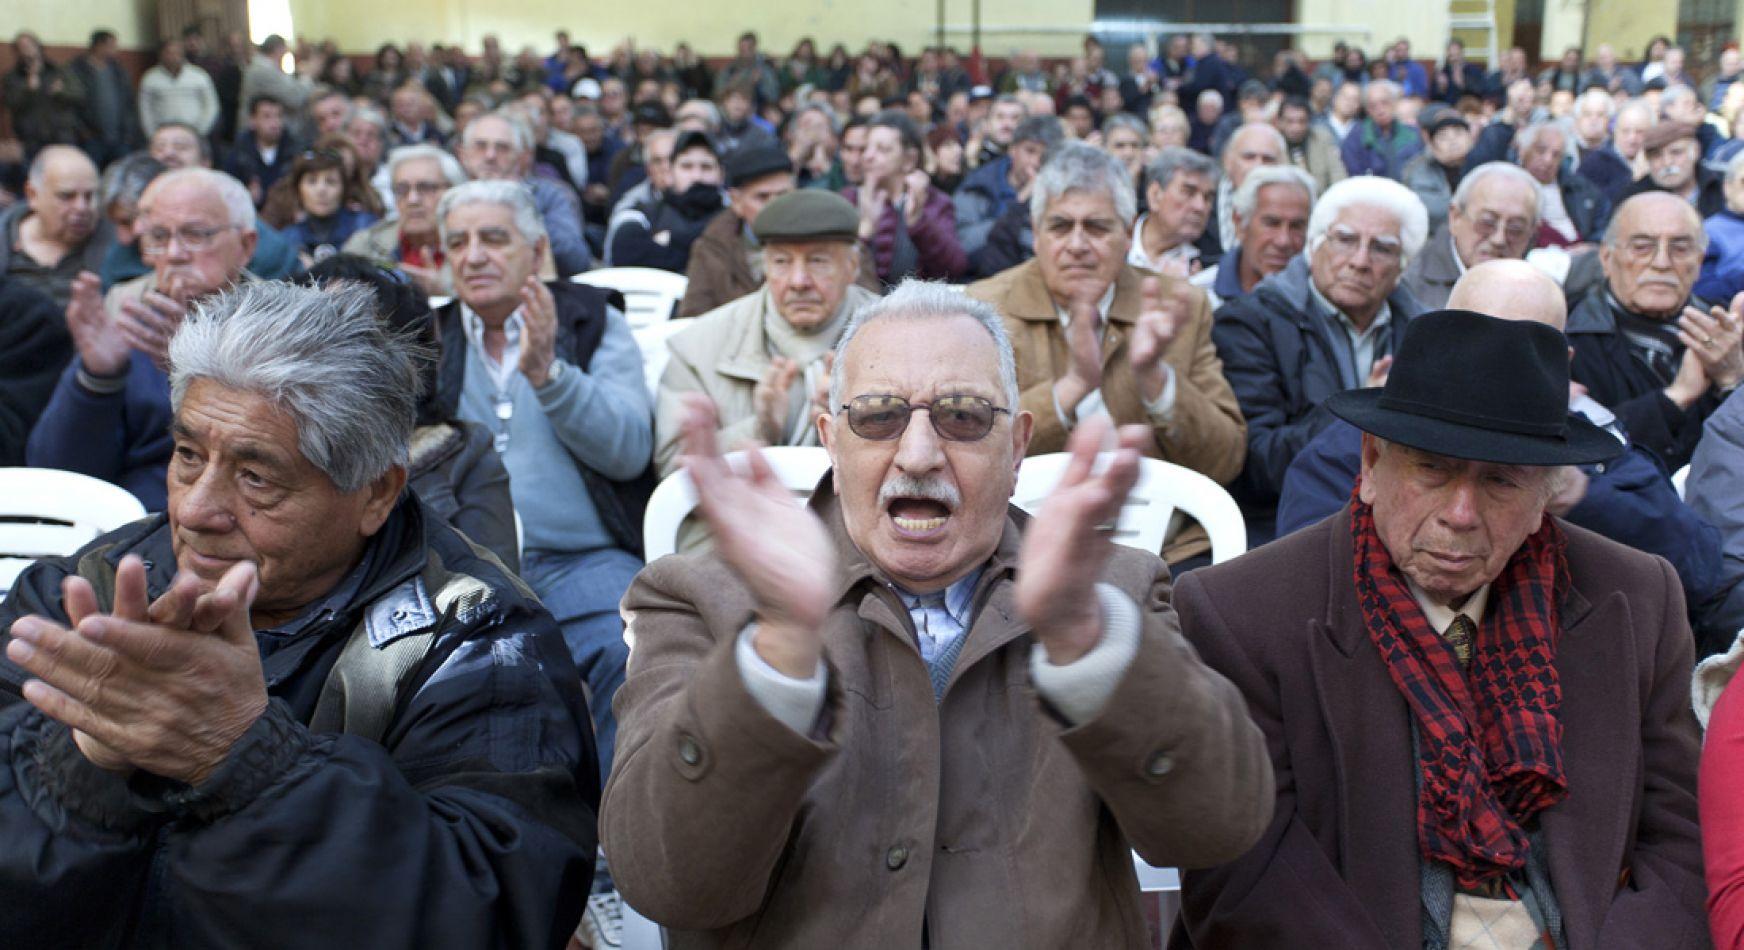 La Corte Suprema declaró inconstitucional que jubilados paguen Ganancias